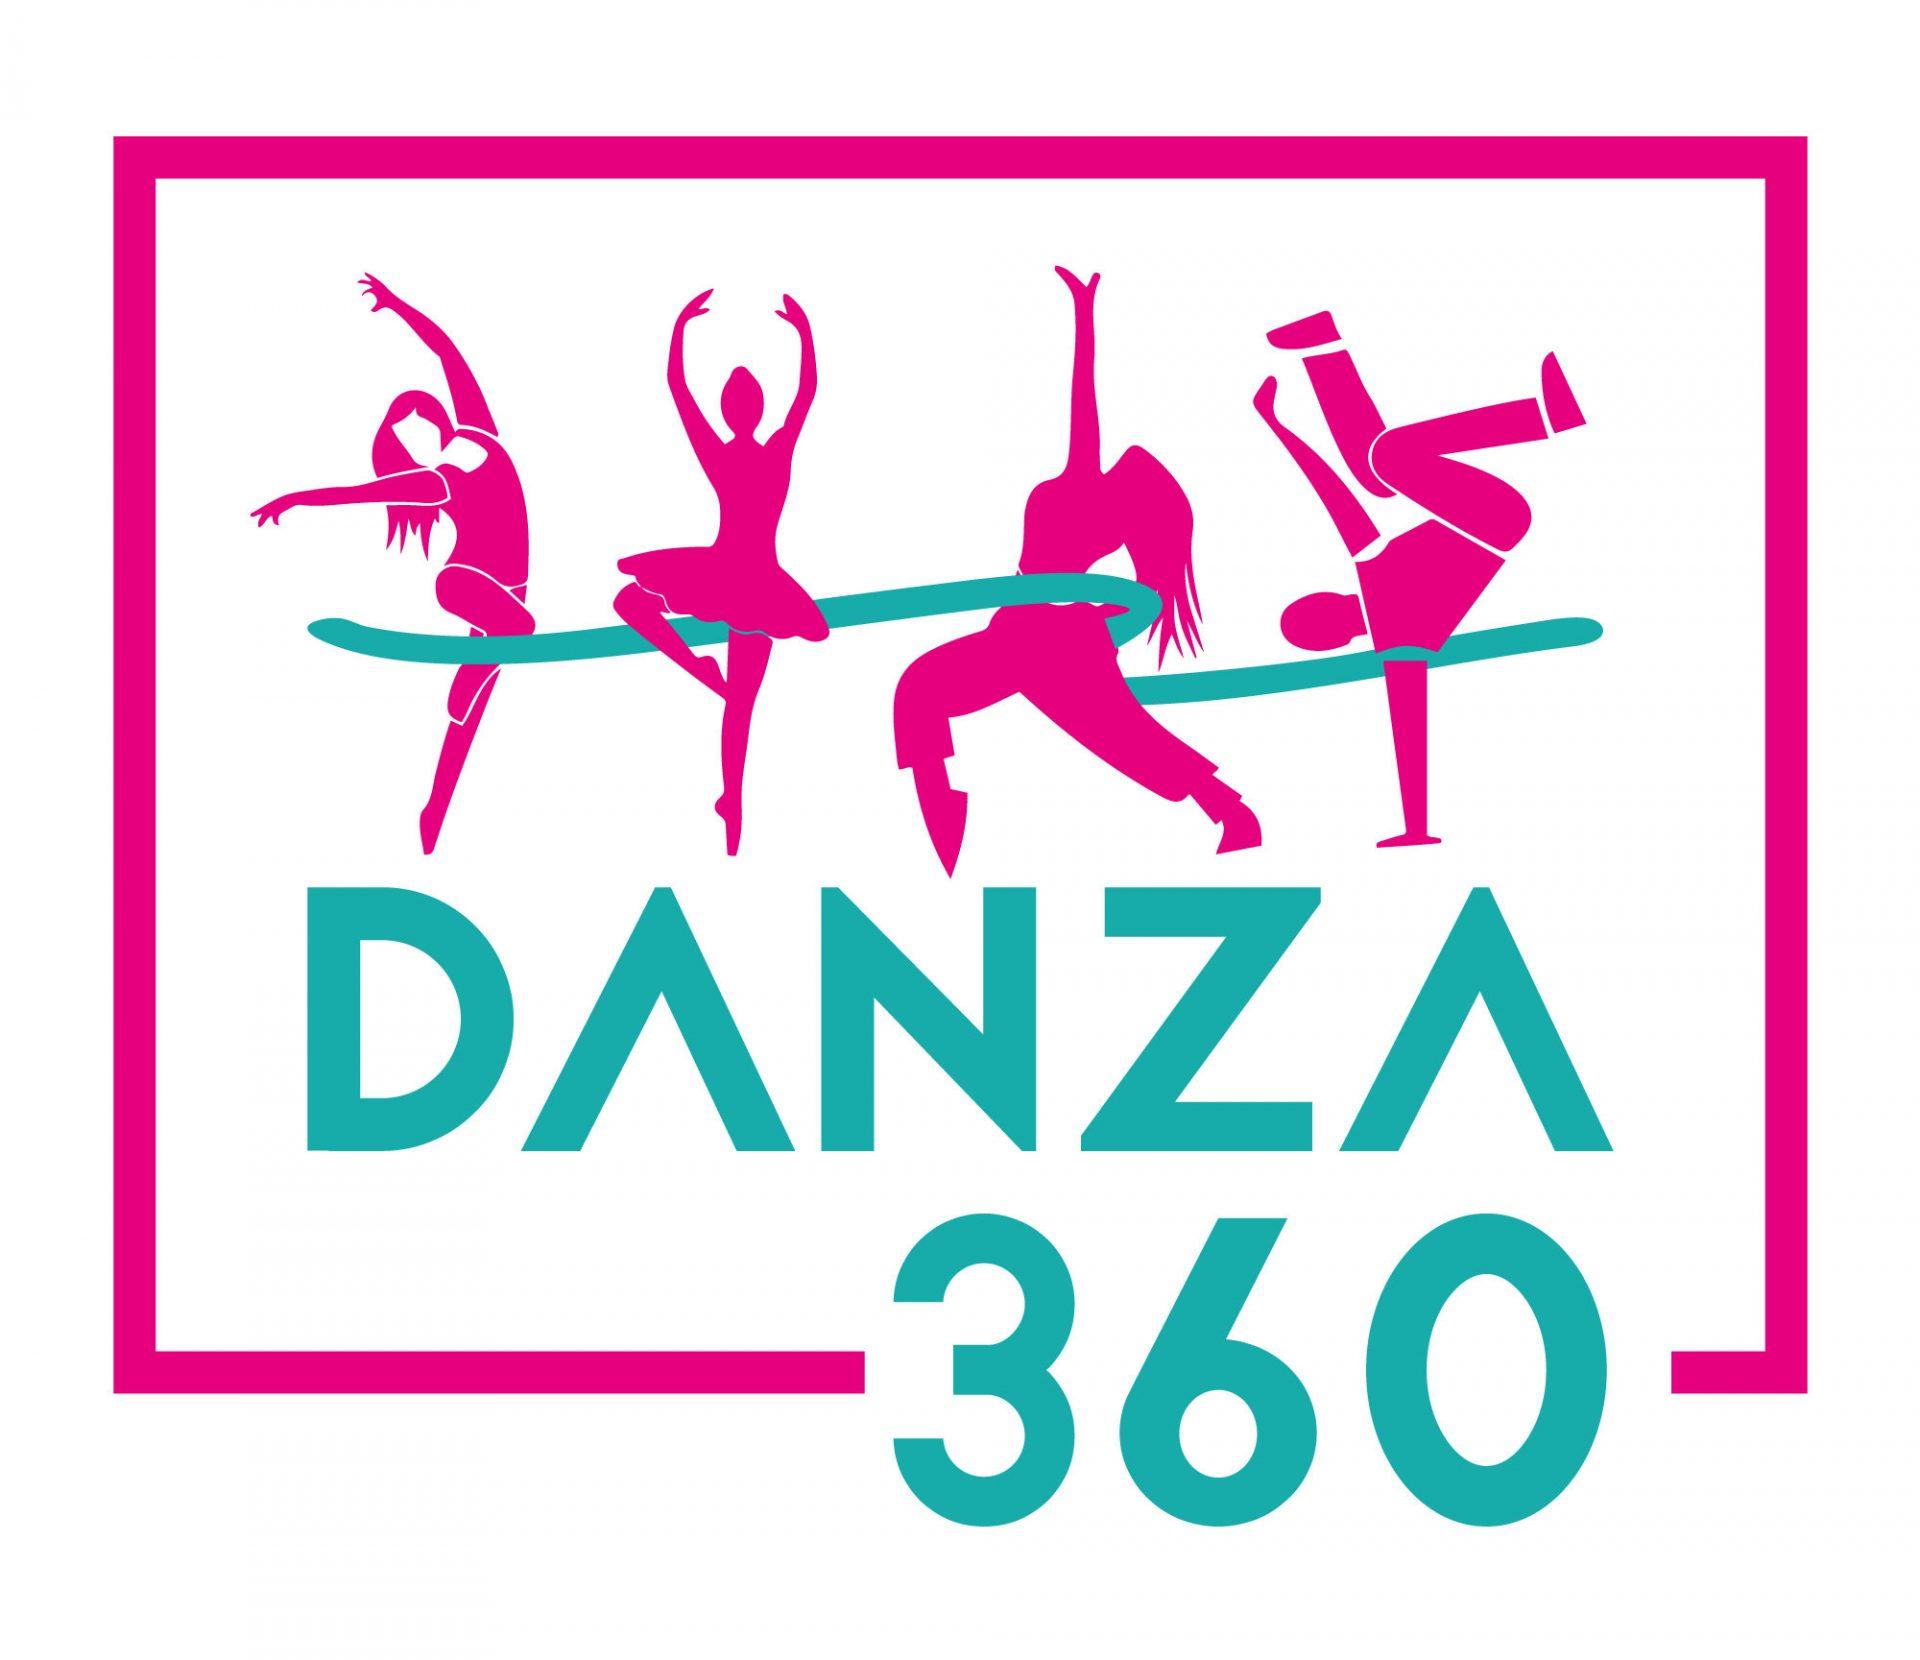 Risultati immagini per danza360